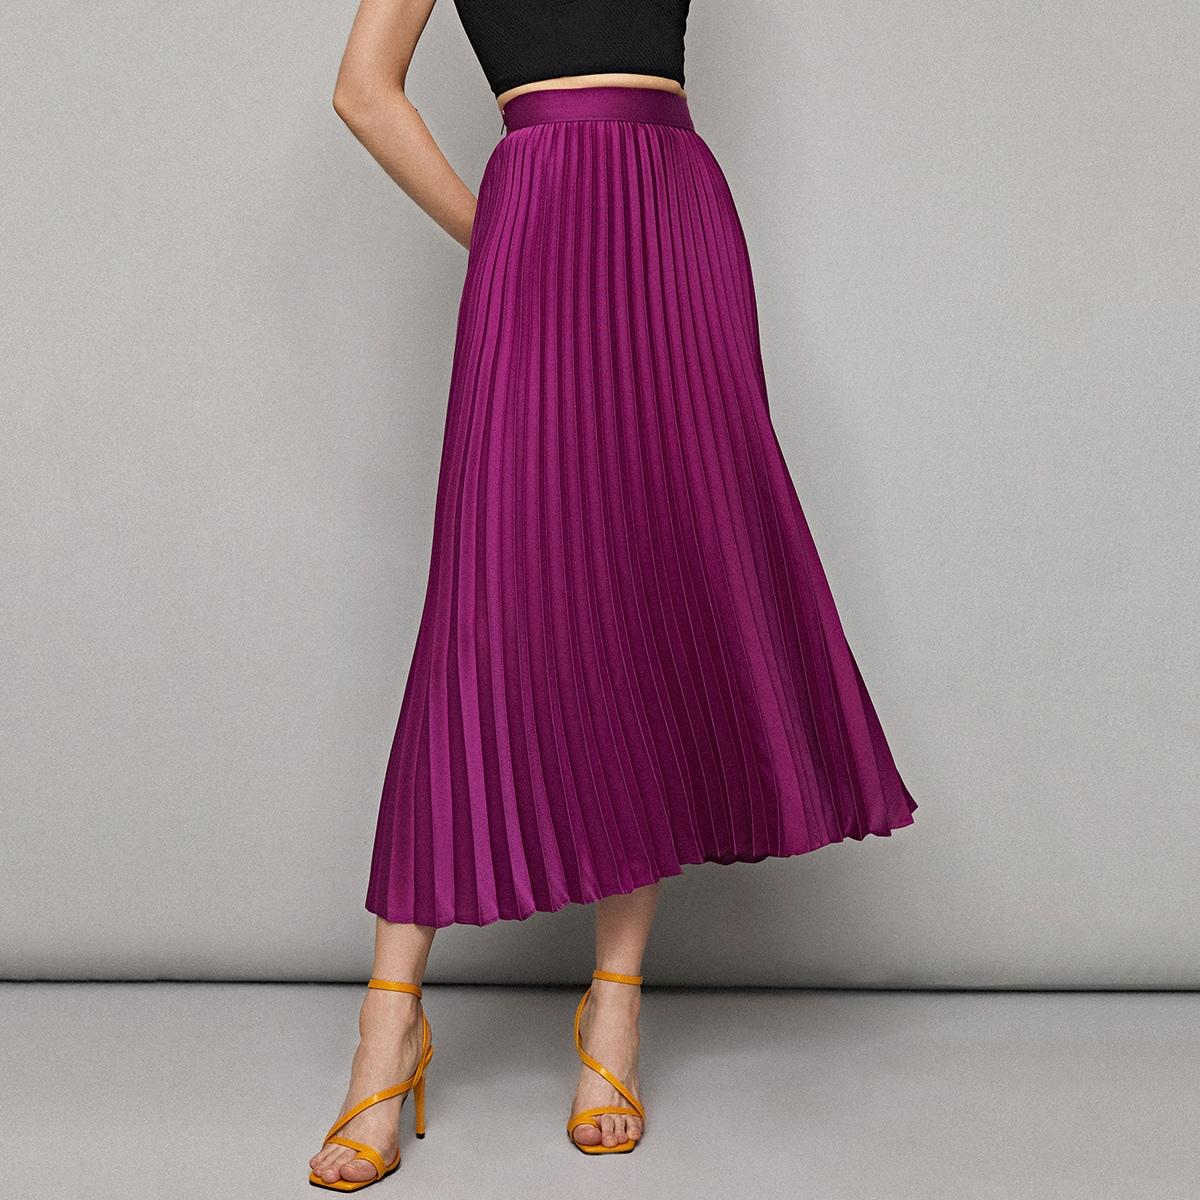 Плиссированная юбка фото